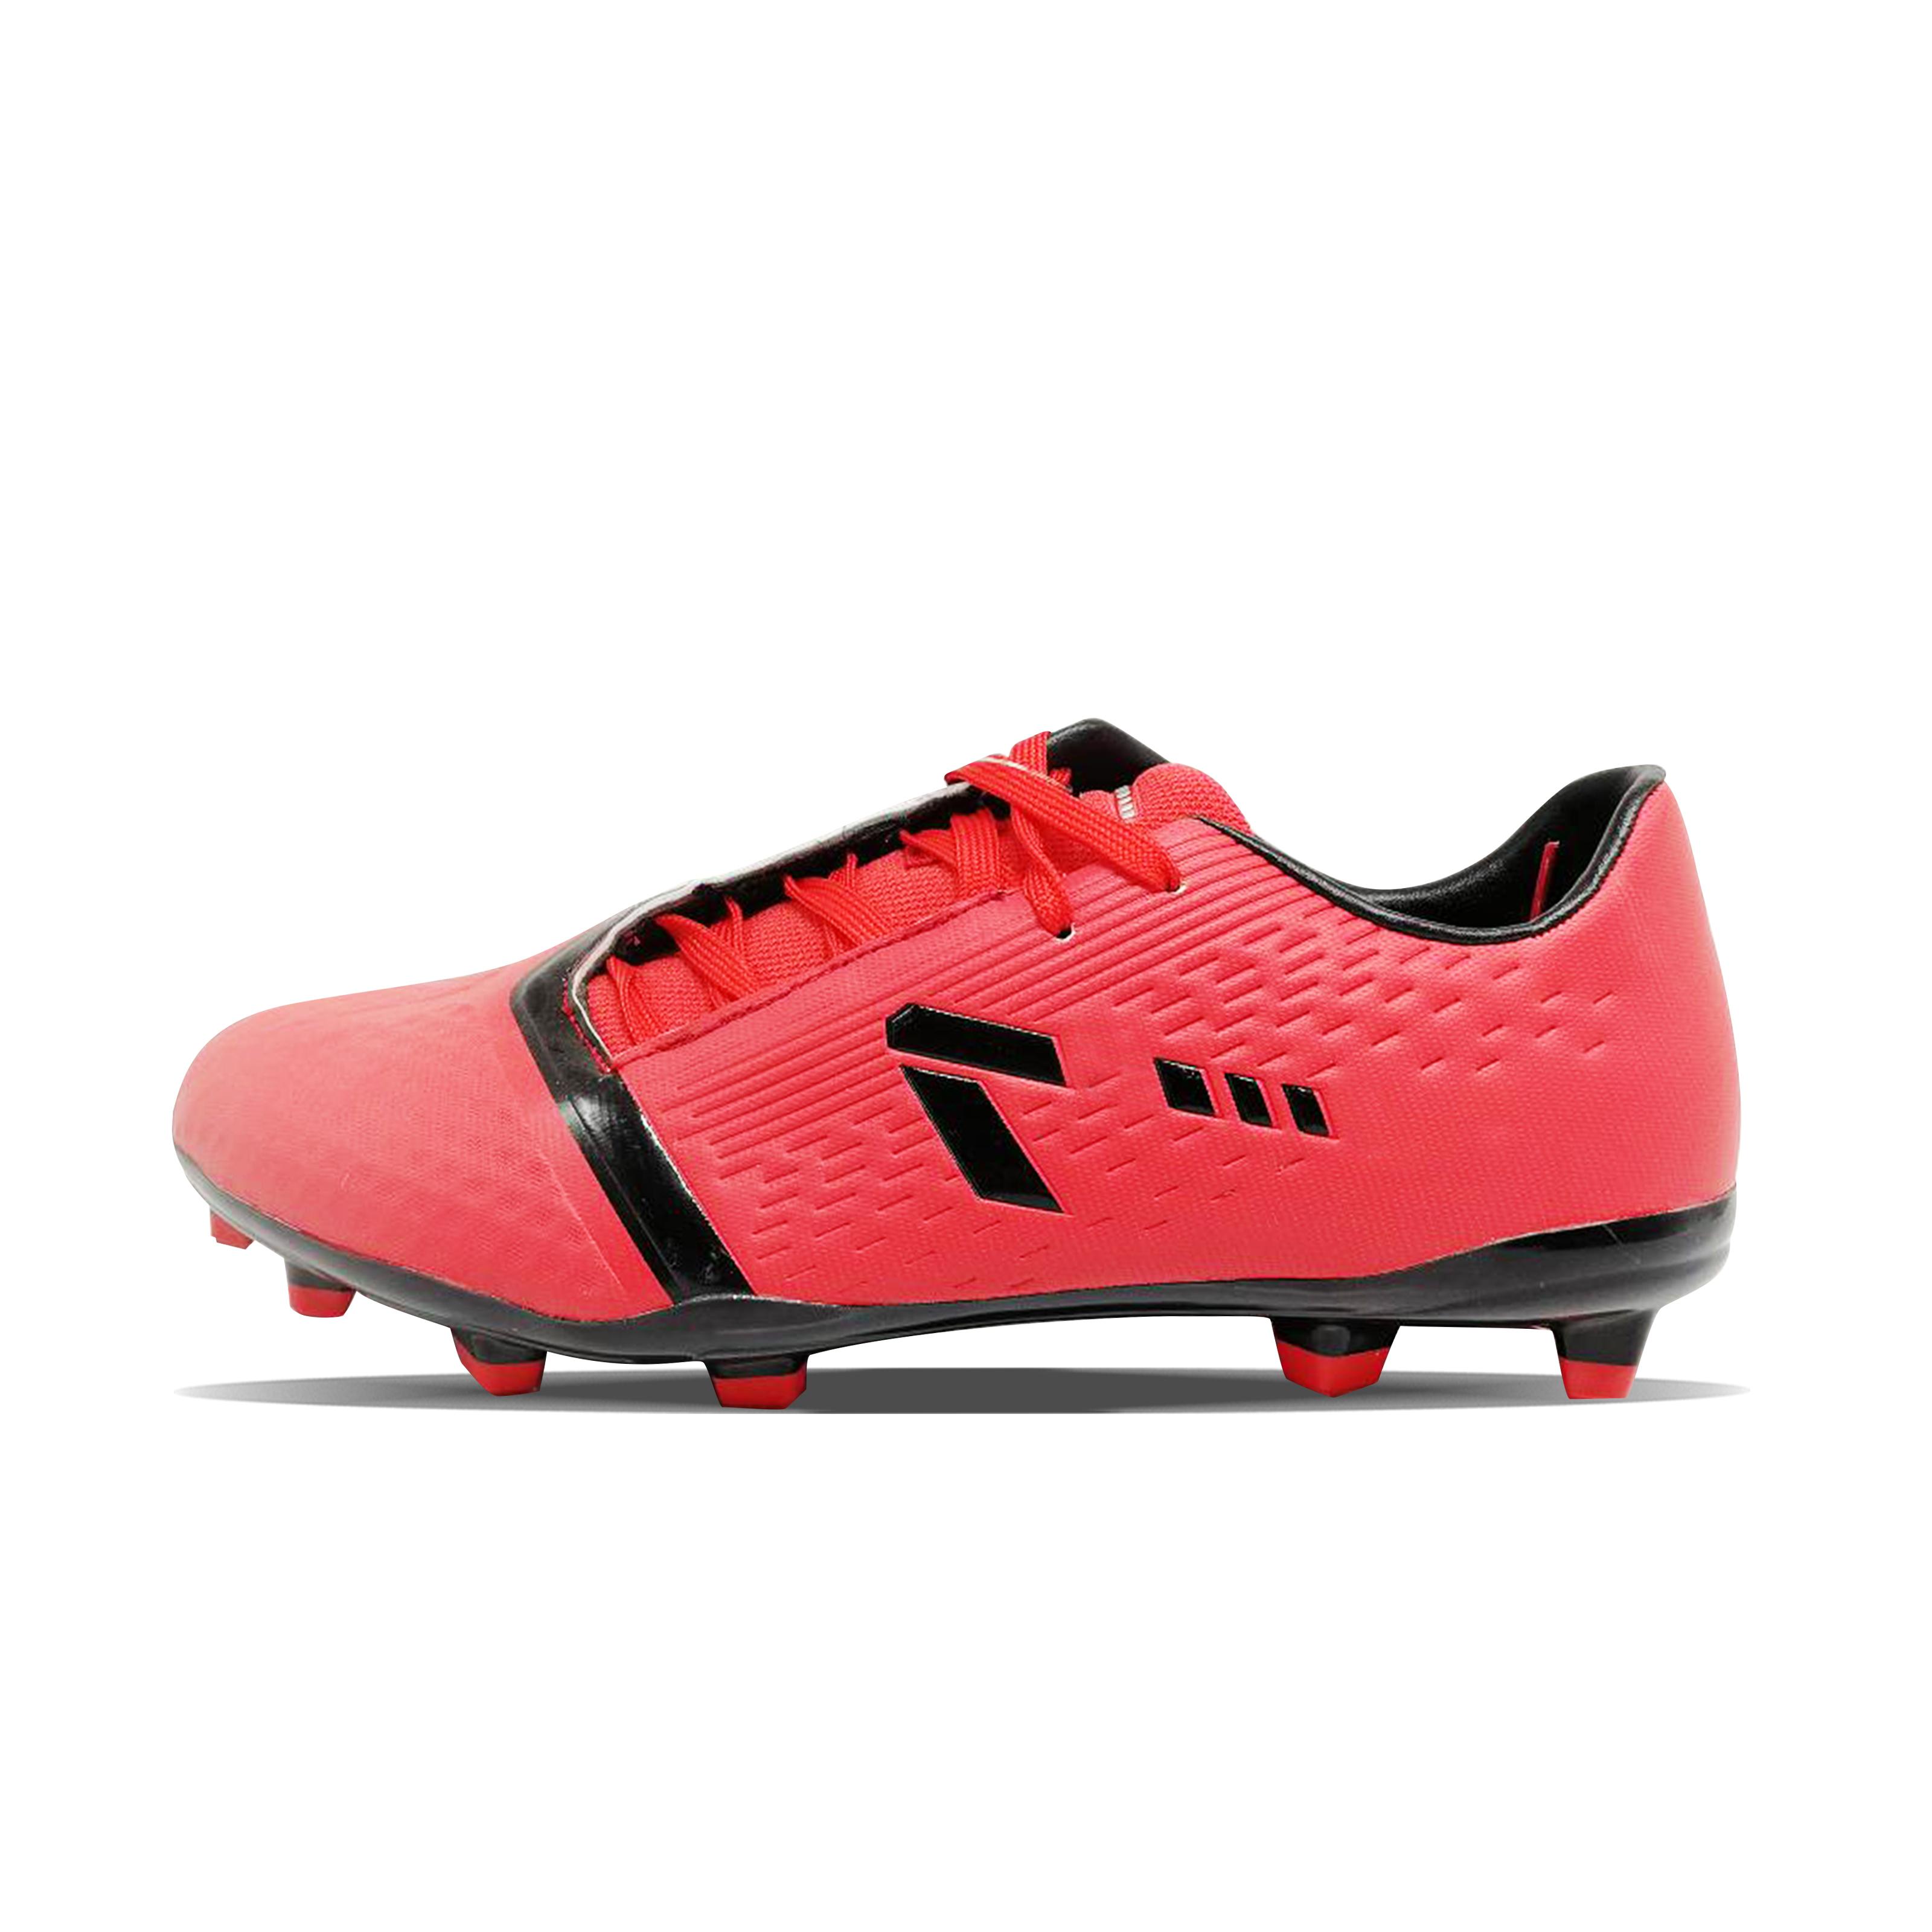 Red gomma outole logo personalizzato calcio maschile s scarpe